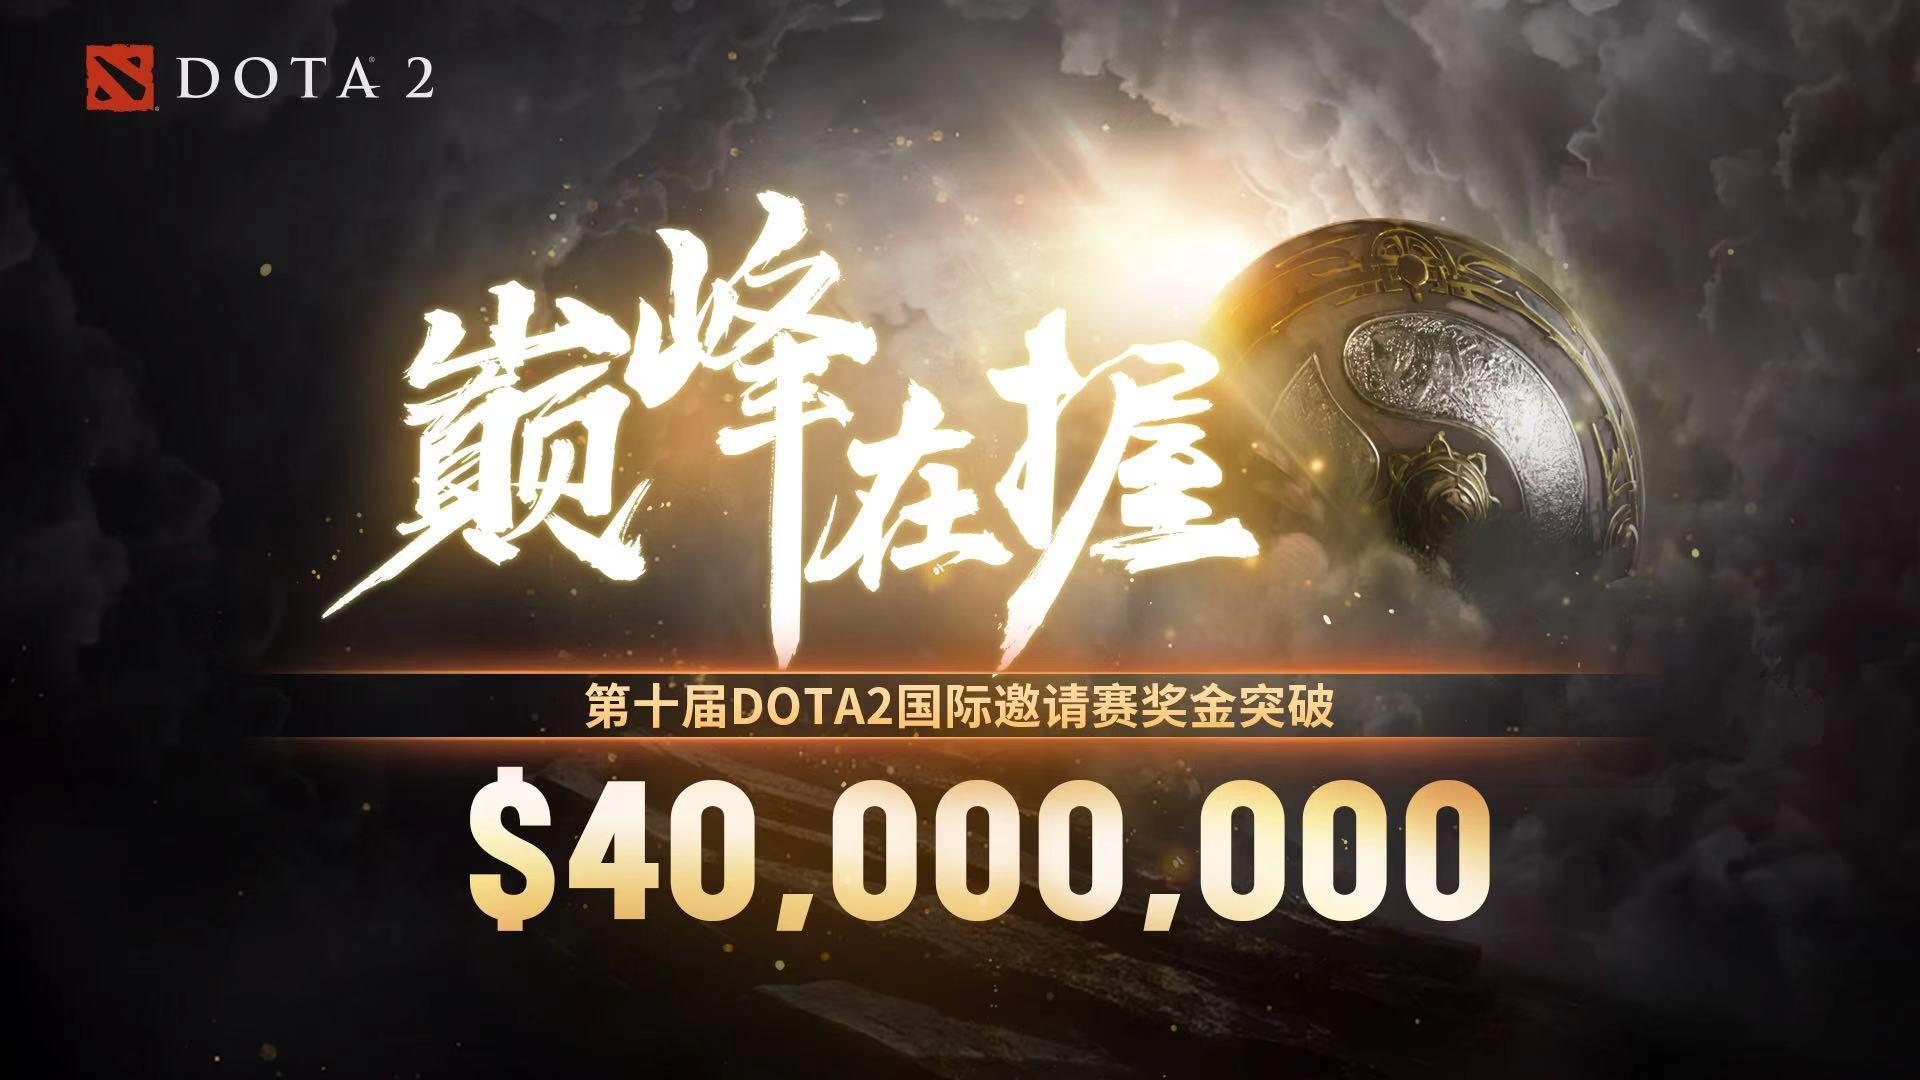 《Dota2》Ti10总奖金突破四千万美元 创下新记录